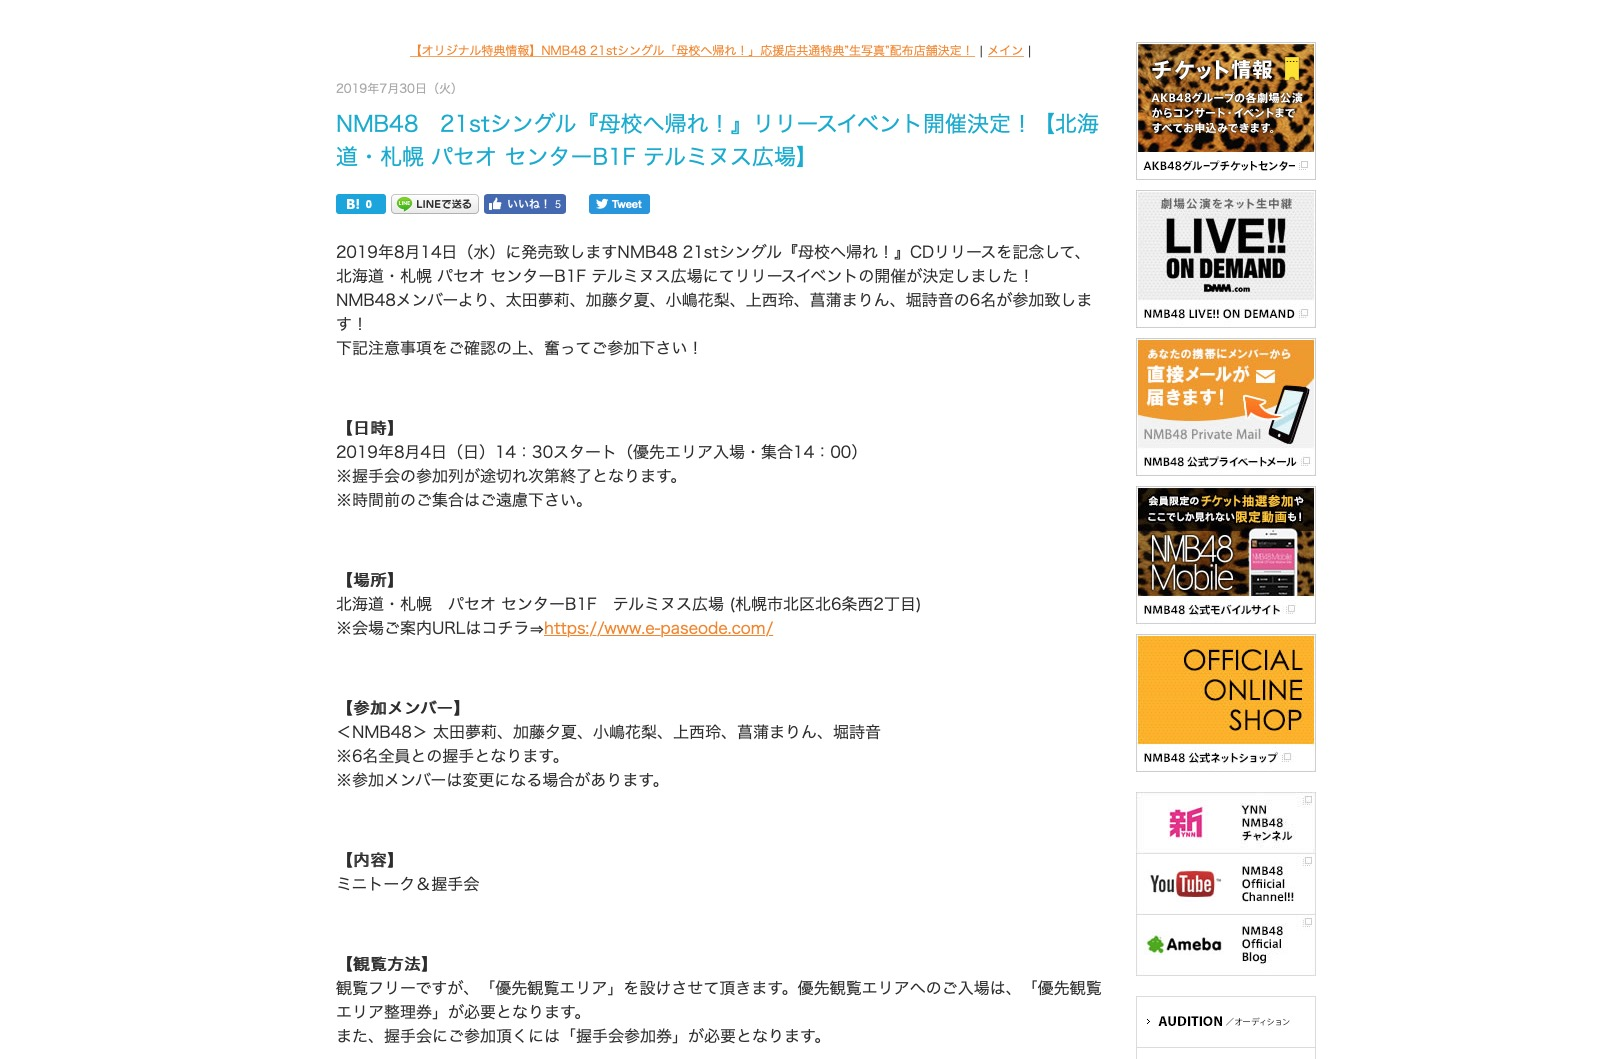 【太田夢莉/加藤夕夏/小嶋花梨/上西怜/菖蒲まりん/堀詩音】8月4日に札幌・パセオで「母校へ帰れ!」のリリースイベントが開催